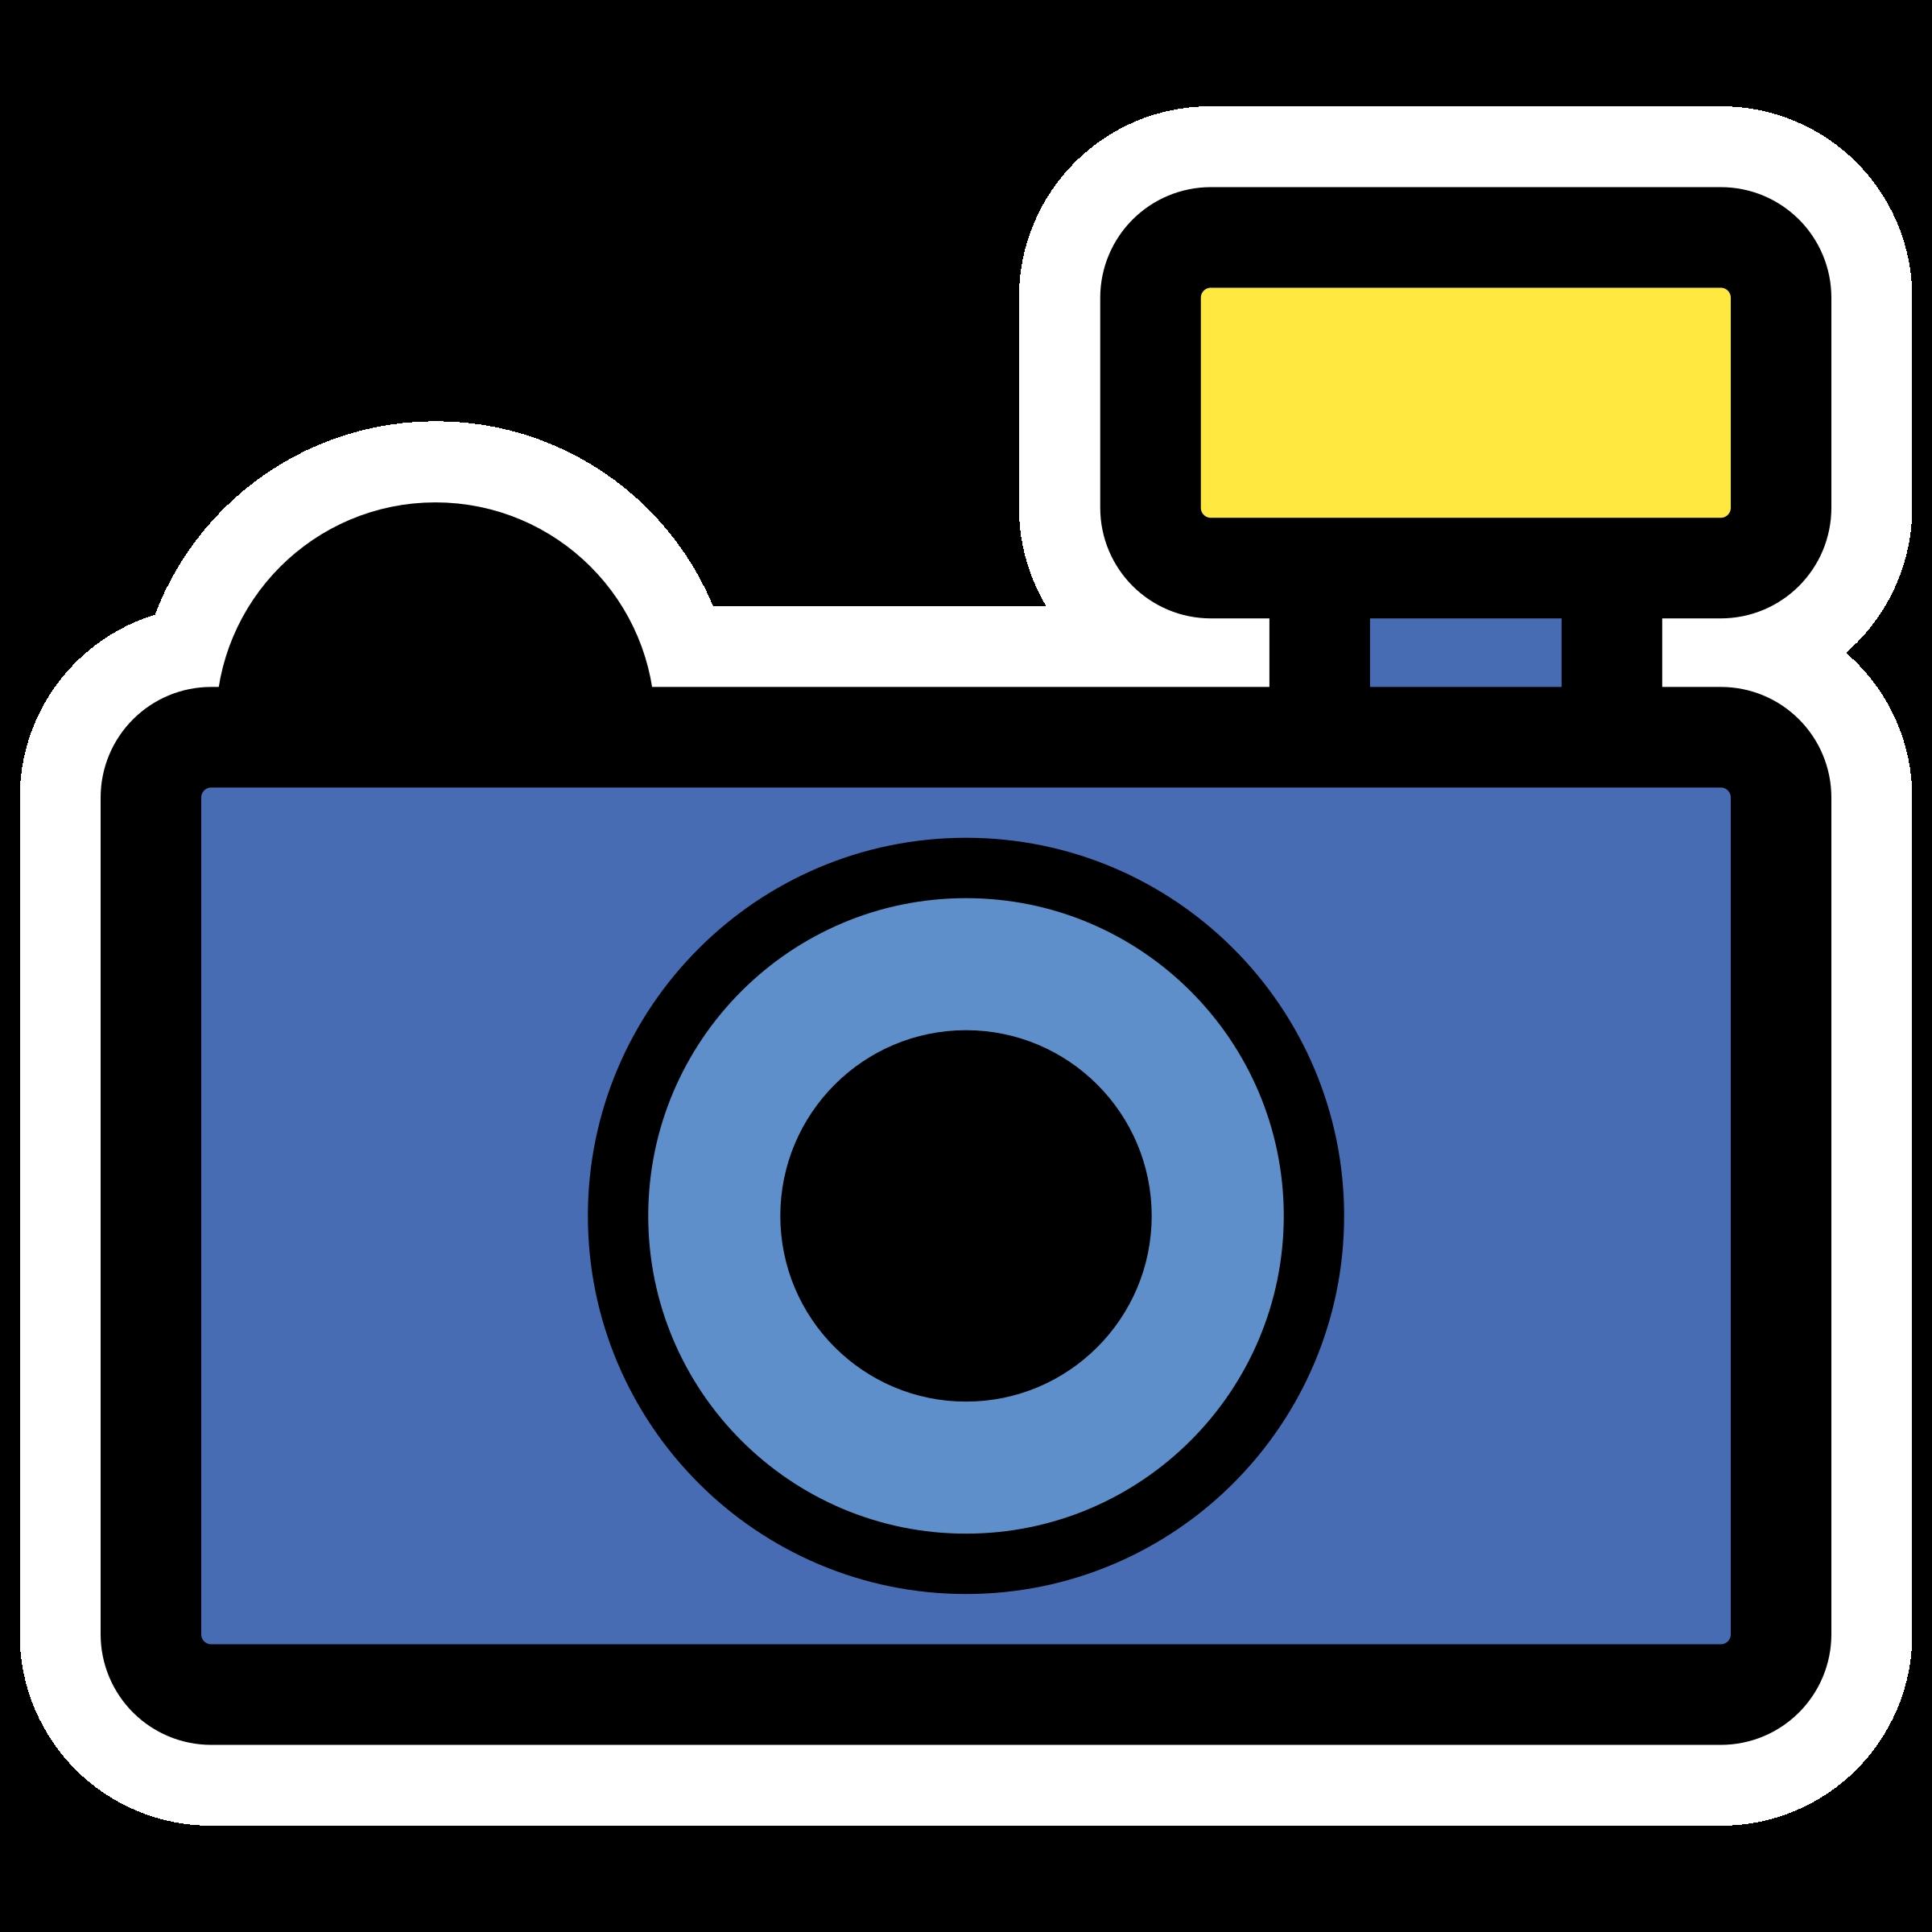 2400x2400 Unique Clipart Camera Gallery